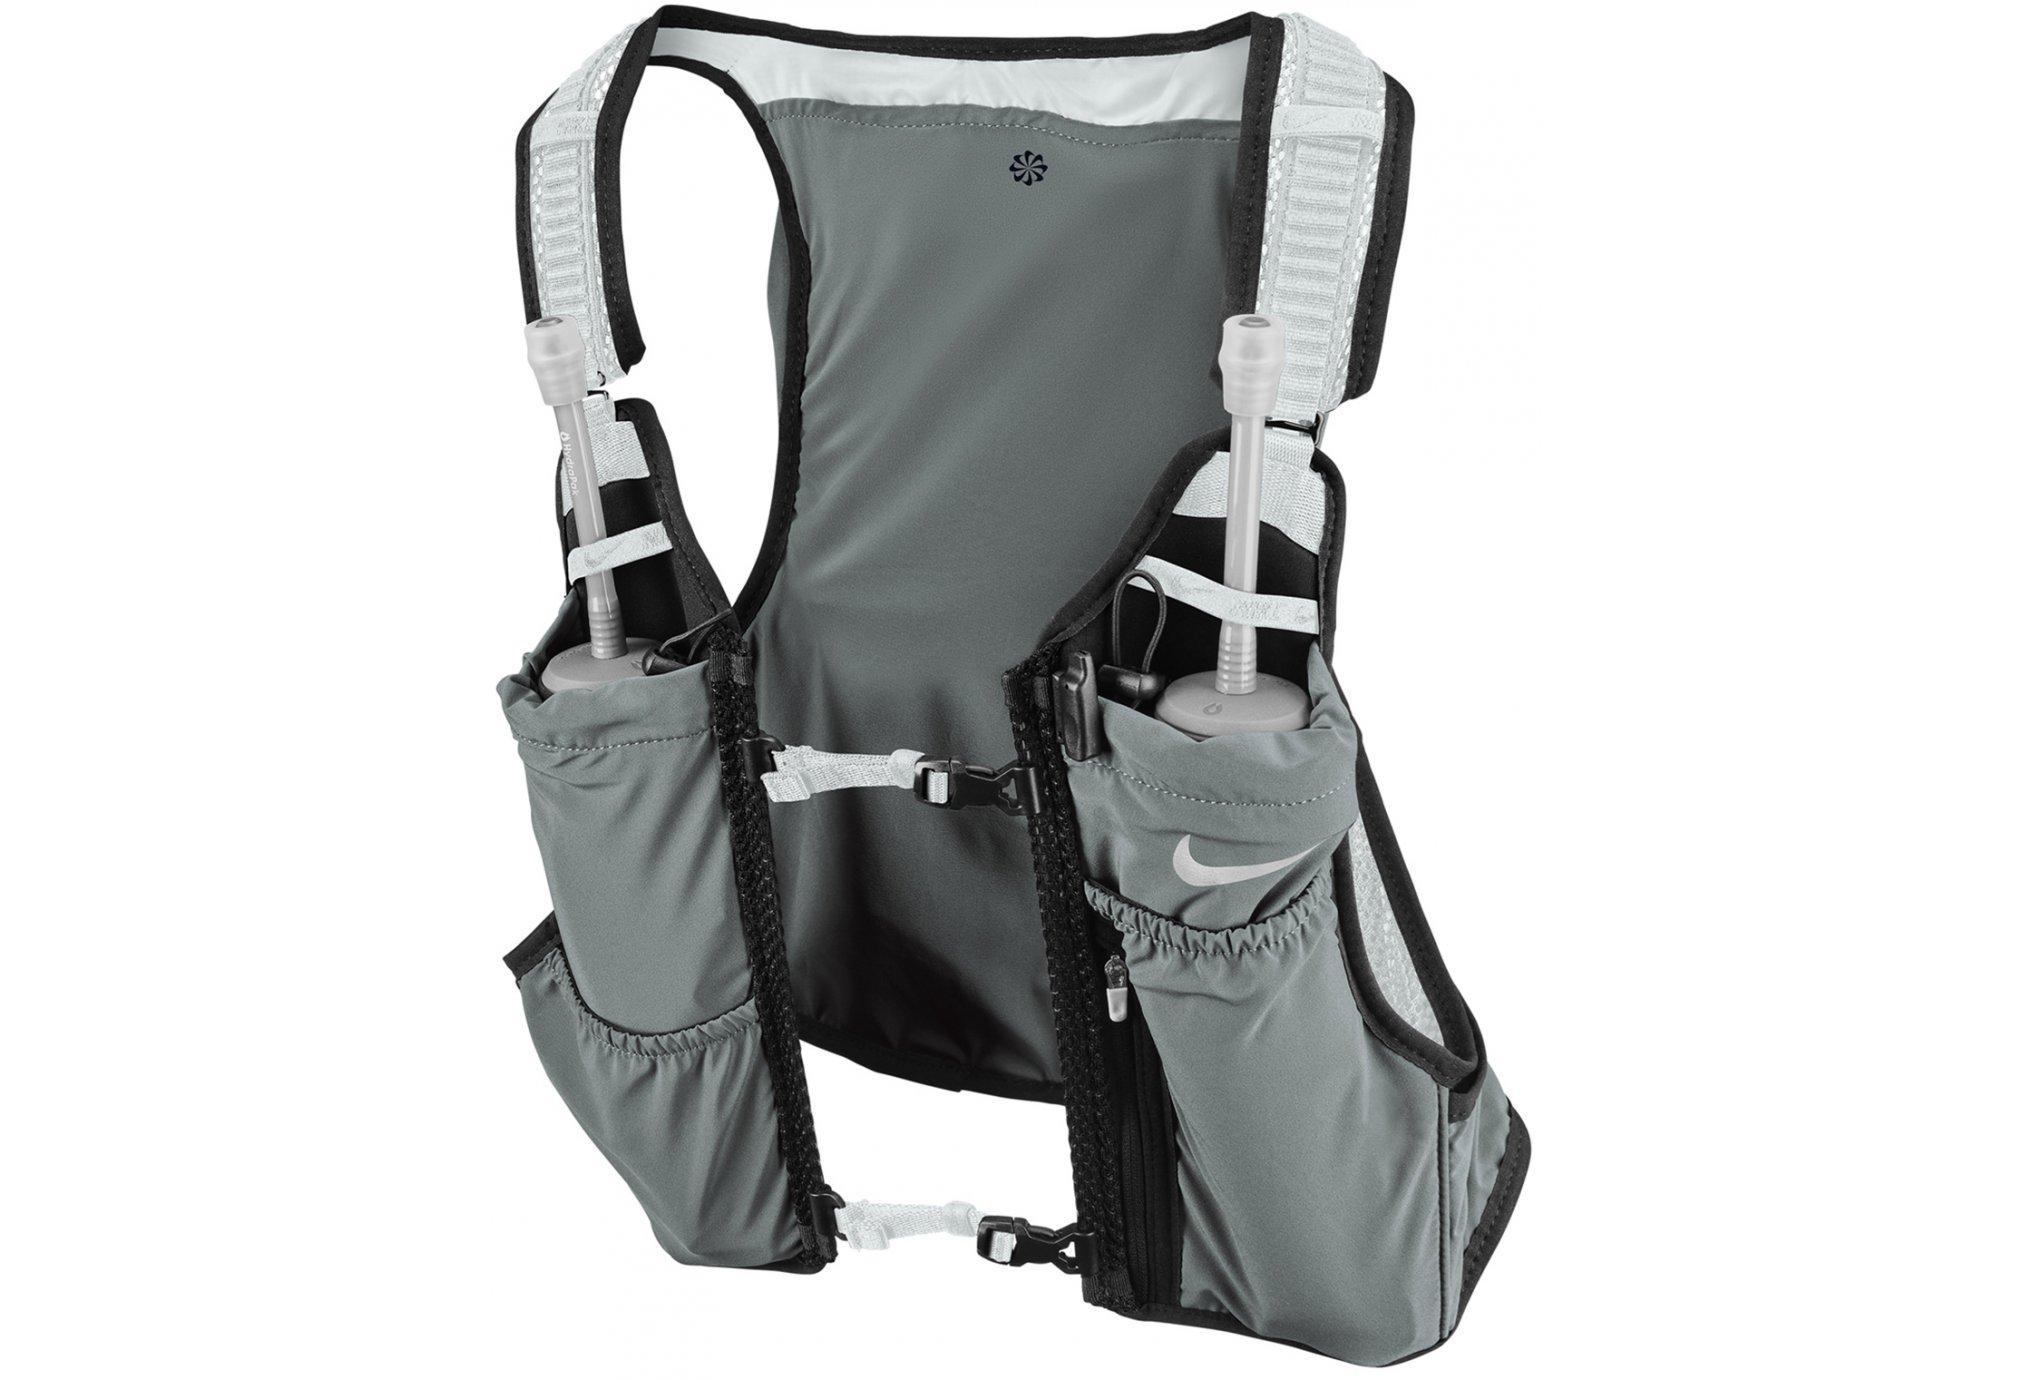 Nike Kiger 4.0 M Diététique Accessoires